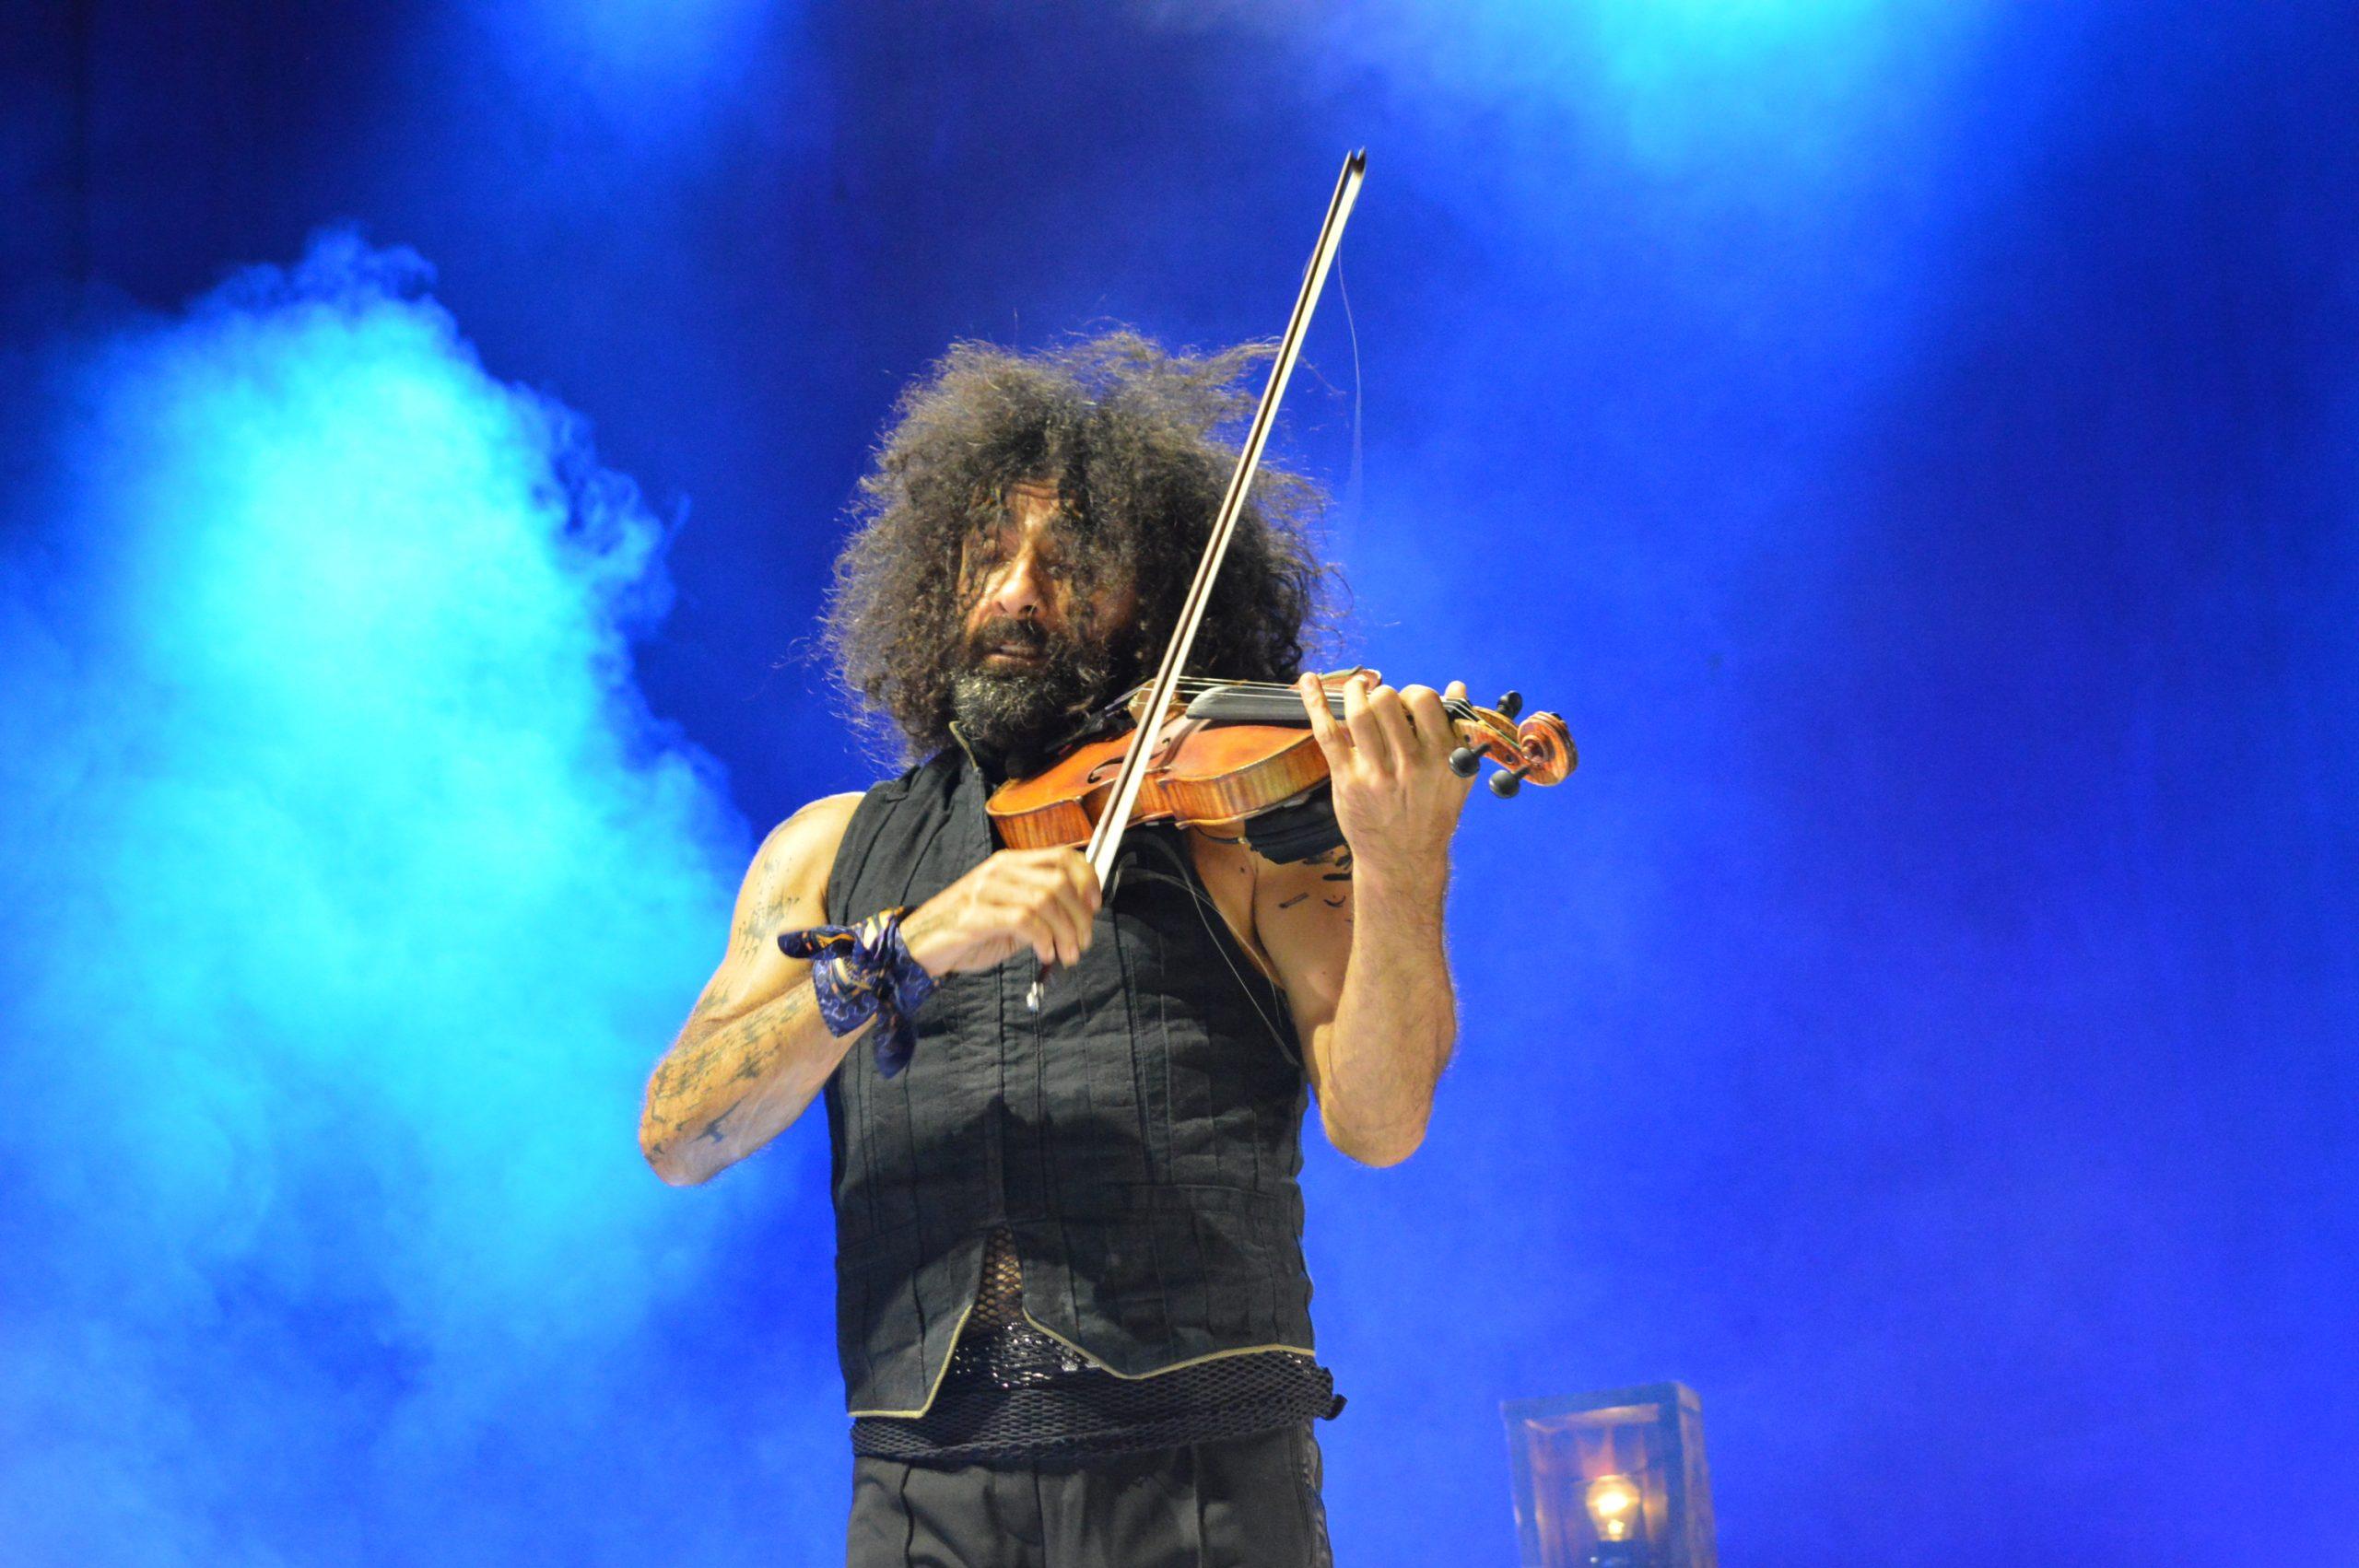 Ara Malikian emociona en su regreso a Ponferrada demostrando una vez más su virtuosismo con el violín 18